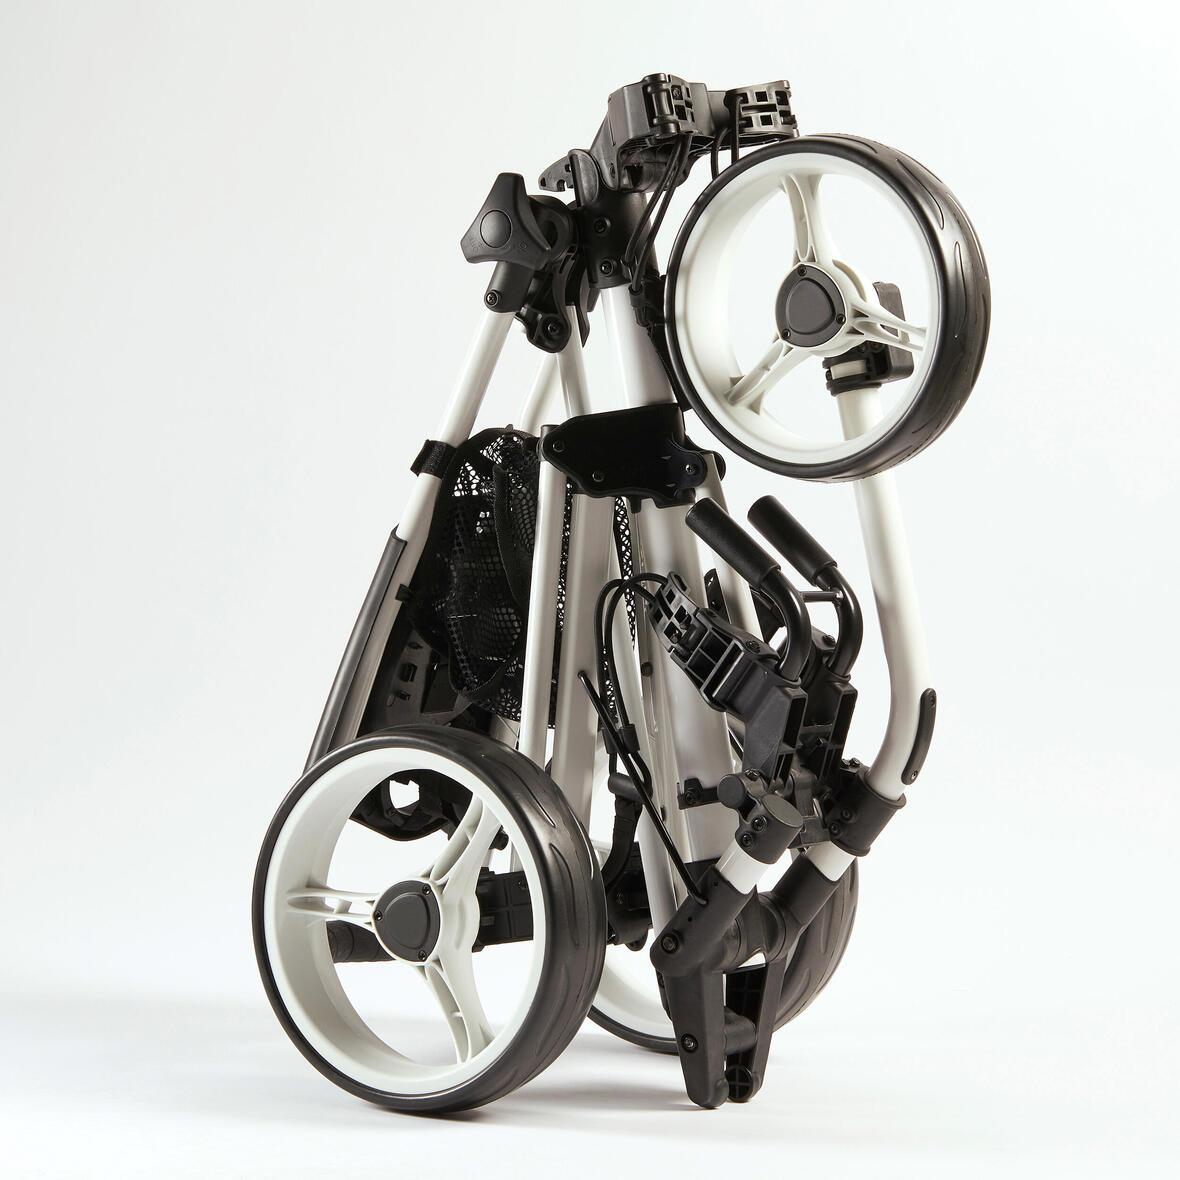 opvouwen-onderhoud-golftrolley